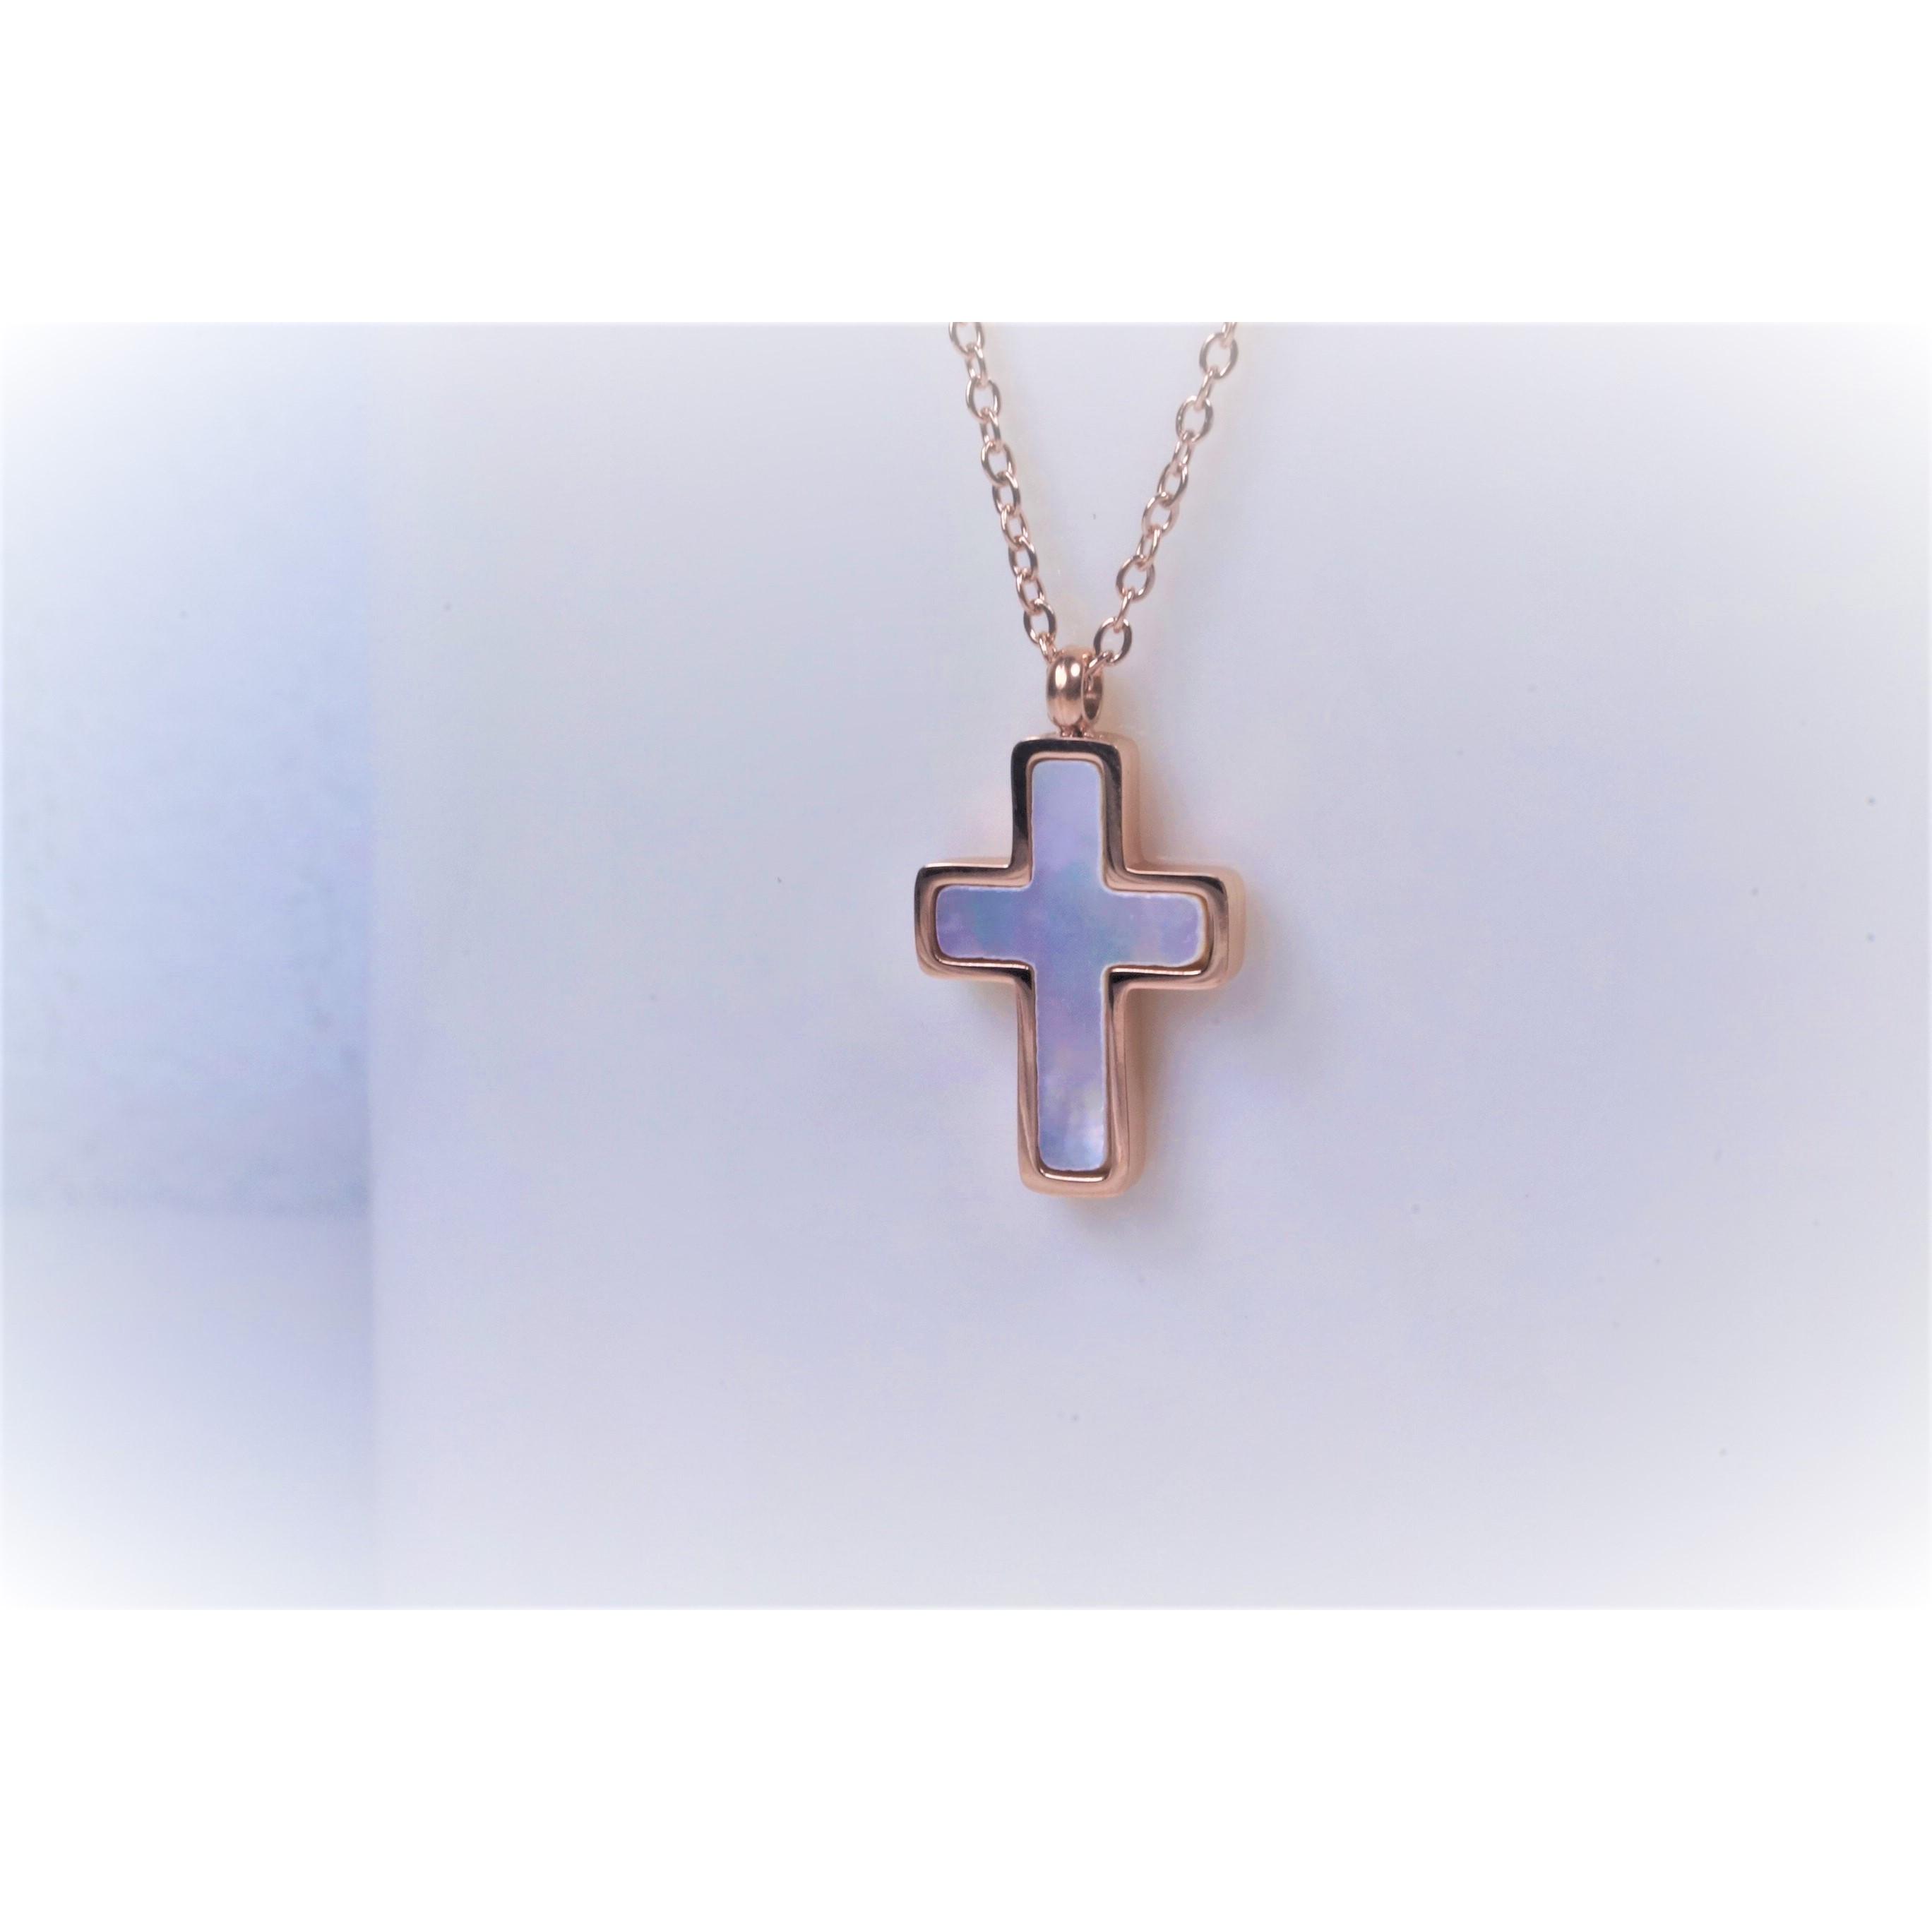 項鍊-十字架(貝殼) - 玫瑰金